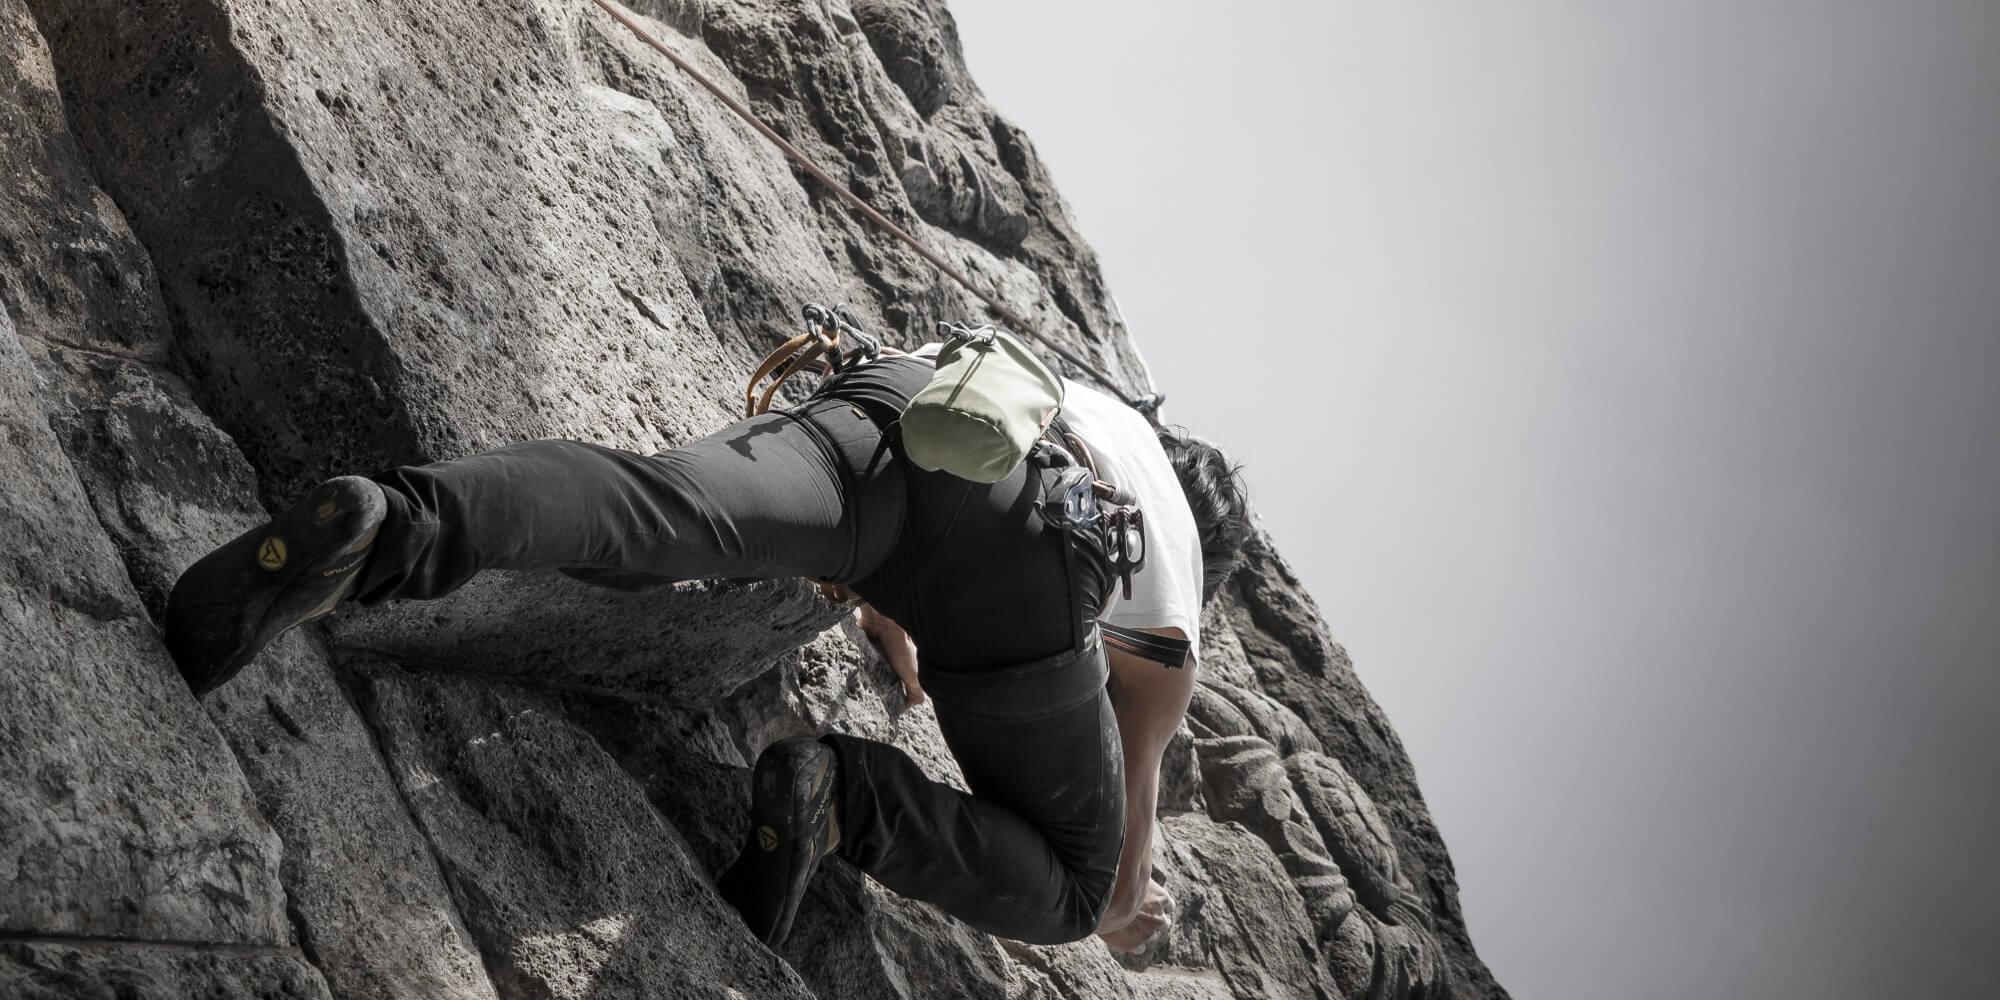 Homem escalando montanha jpg